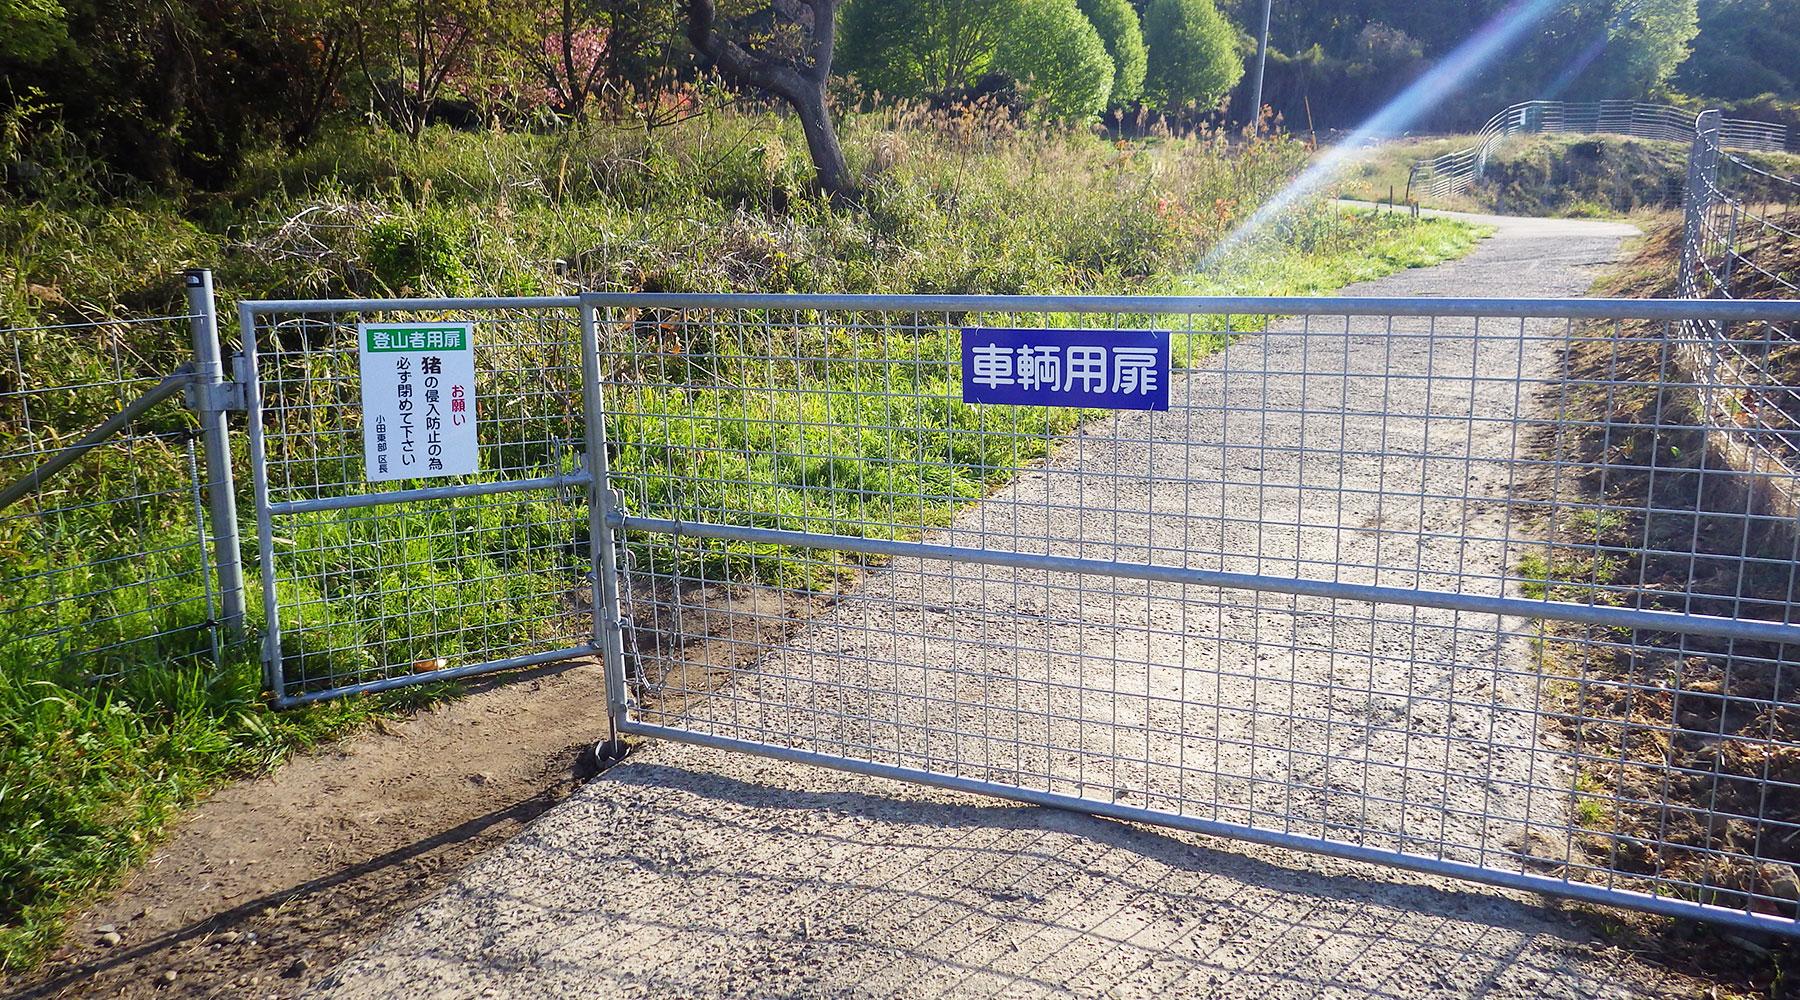 宝篋山・極楽寺コースの動物侵入防止ゲート